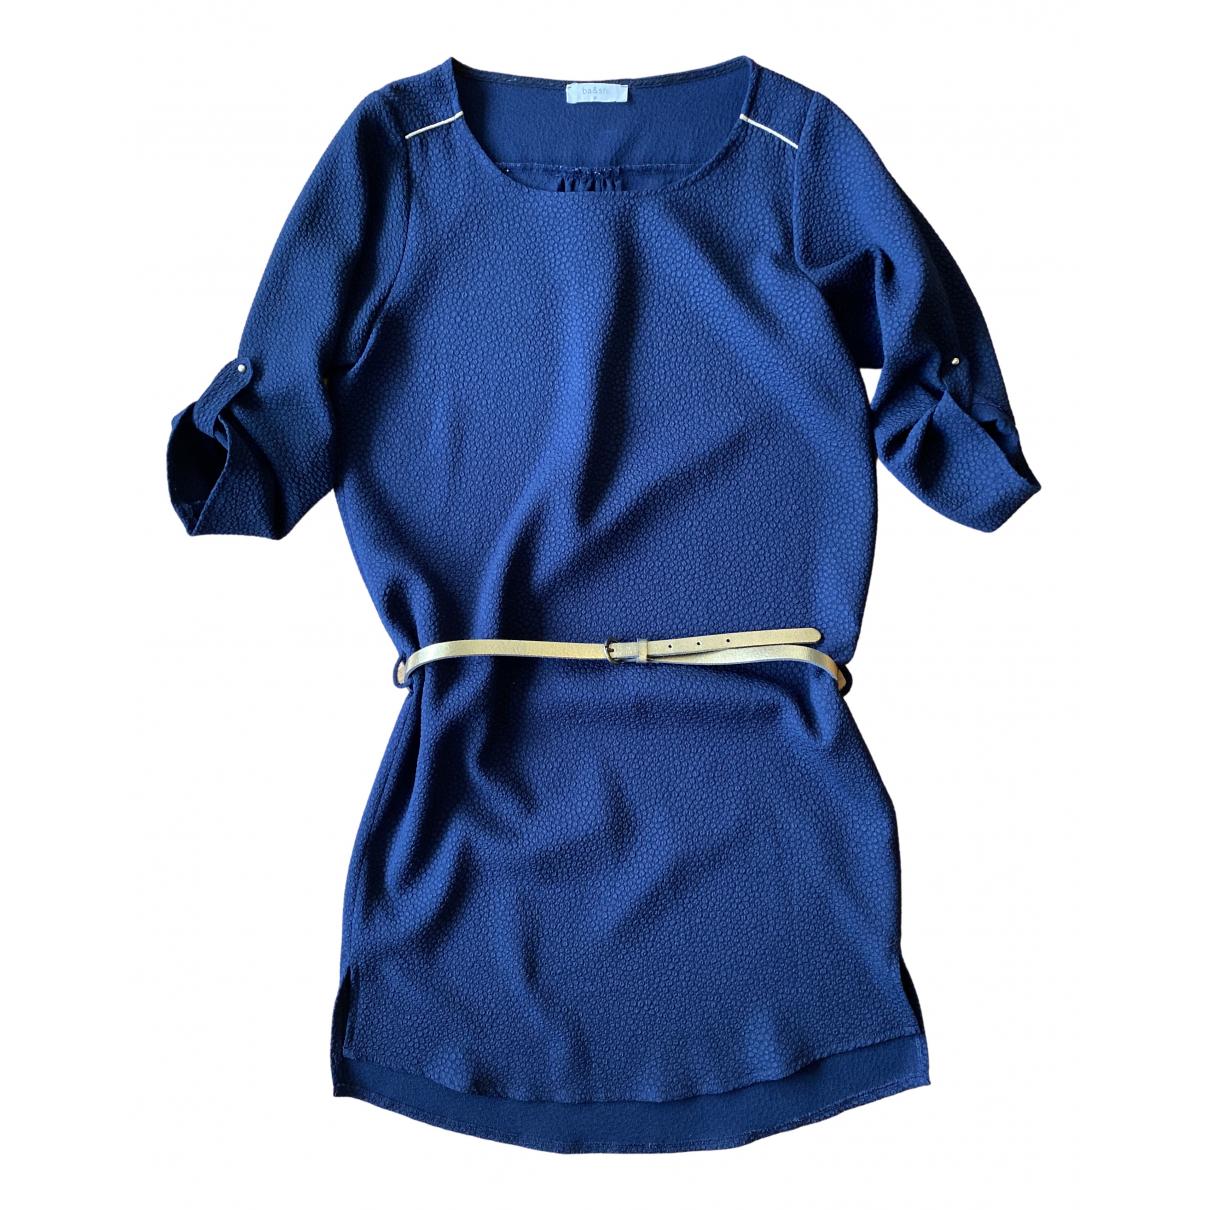 Ba&sh \N Kleid in  Marine Polyester